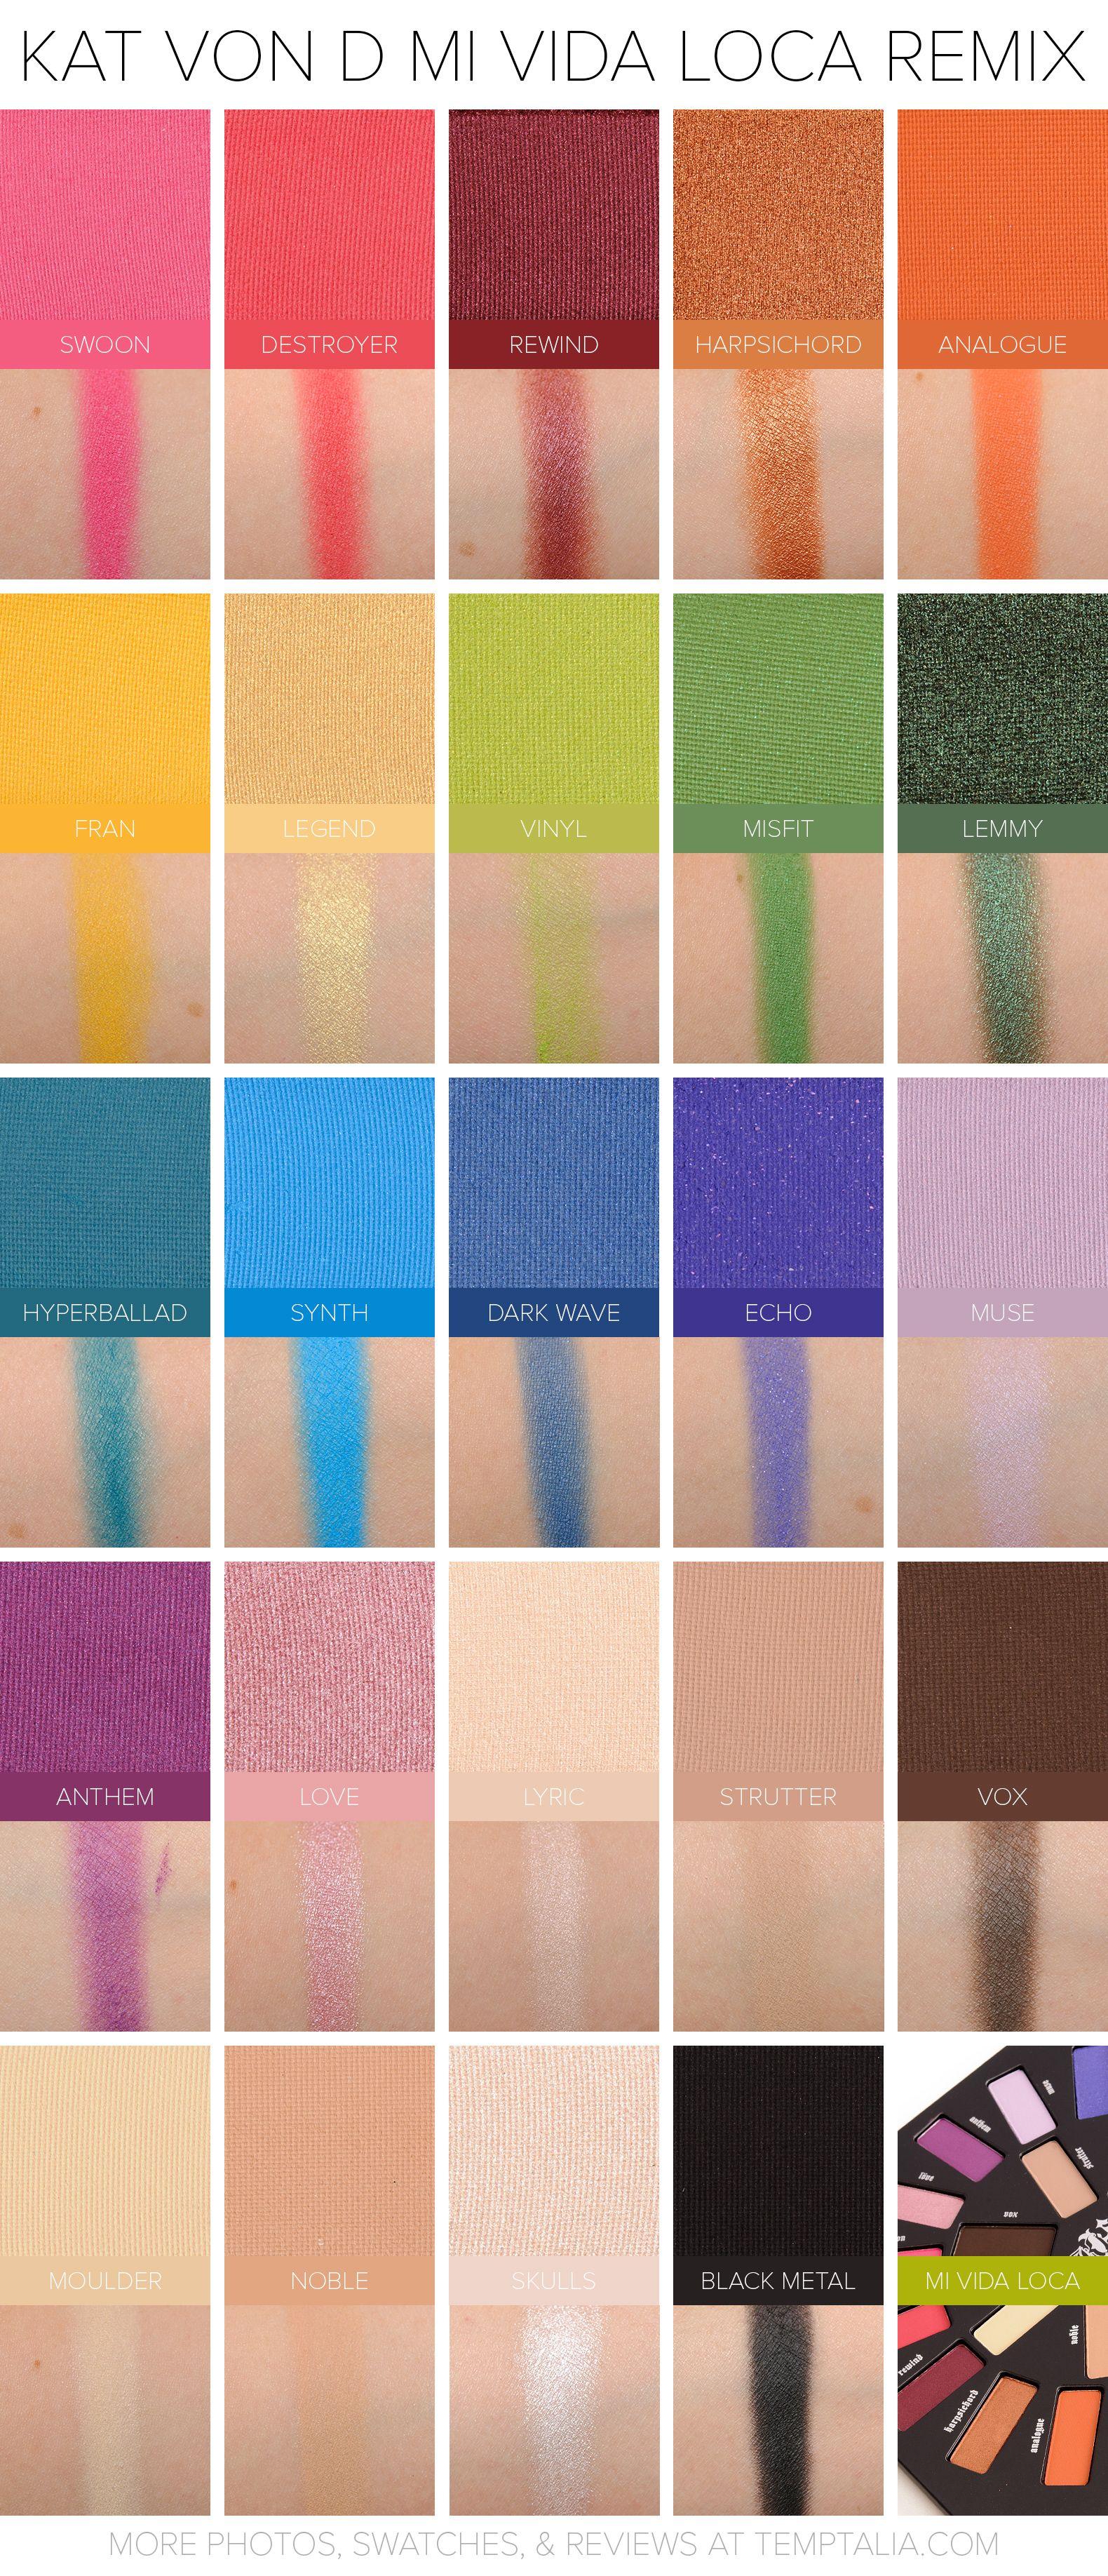 Sneak Peek Kat Von D Mi Vida Loca Remix Palette Photos Swatches